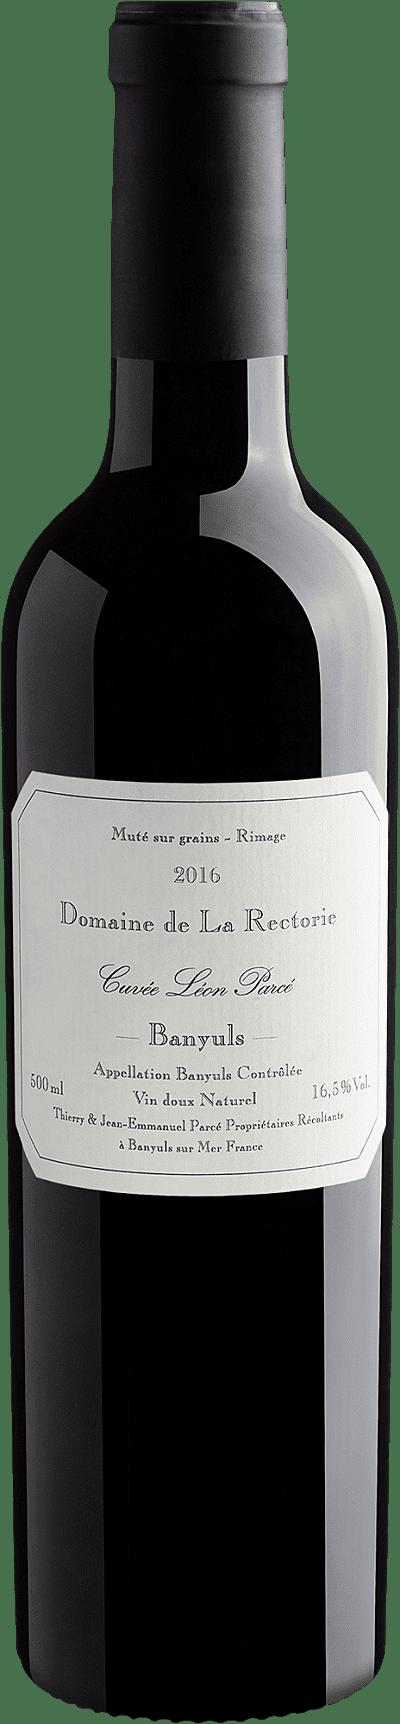 Vinho Fortificado - Domaine de La Rectorie Banyuls Rimage Leon Parce 2016 50cl - França